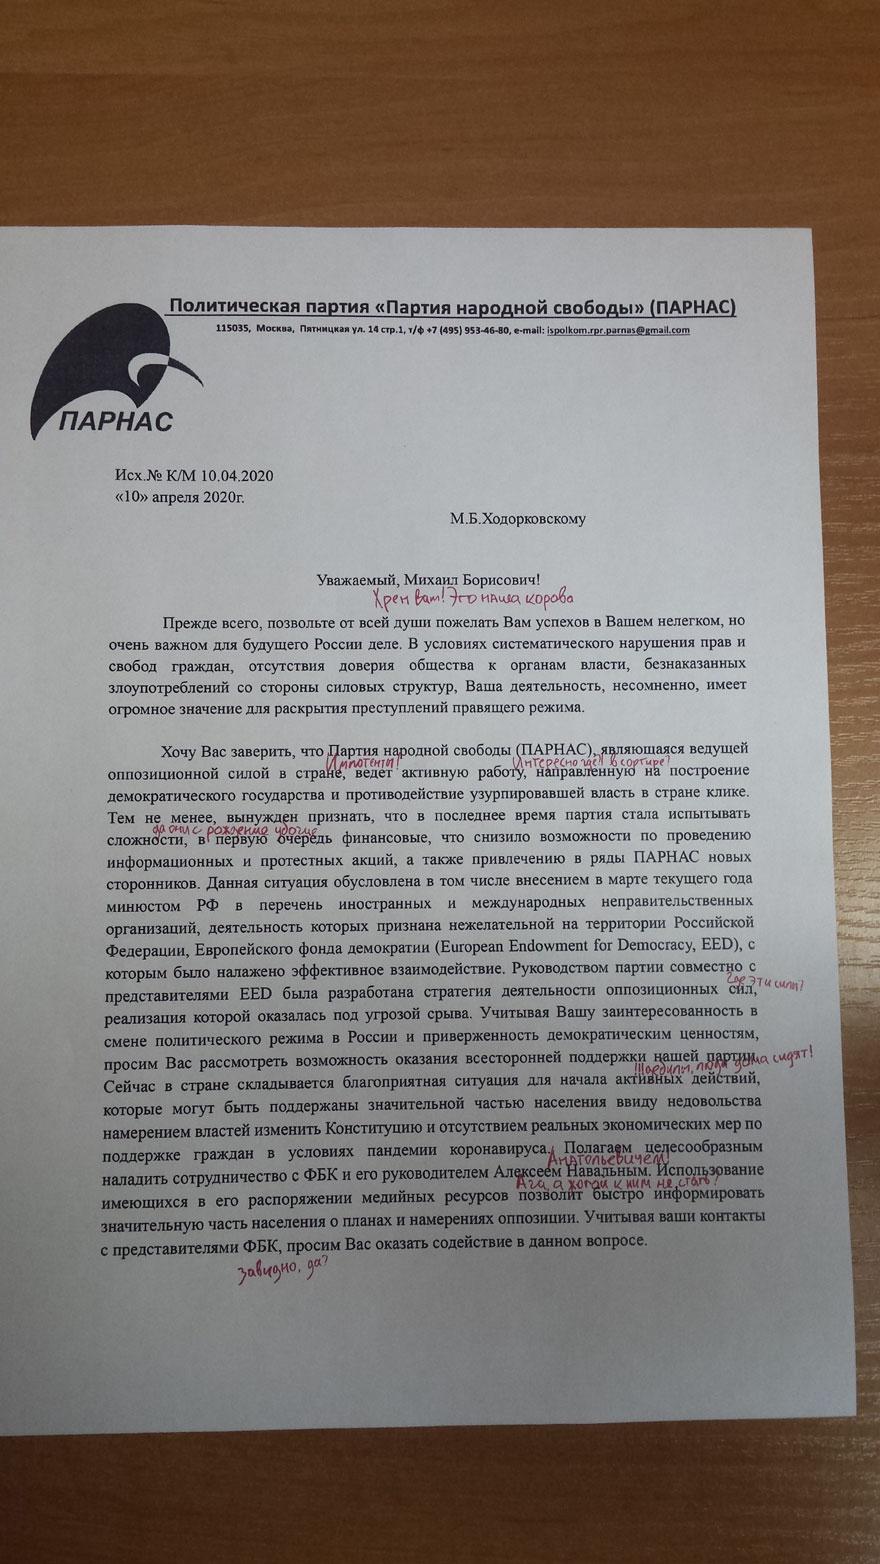 Политика: Запланированные антикарантинные акции ПАРНАСа - попытка государственного переворота